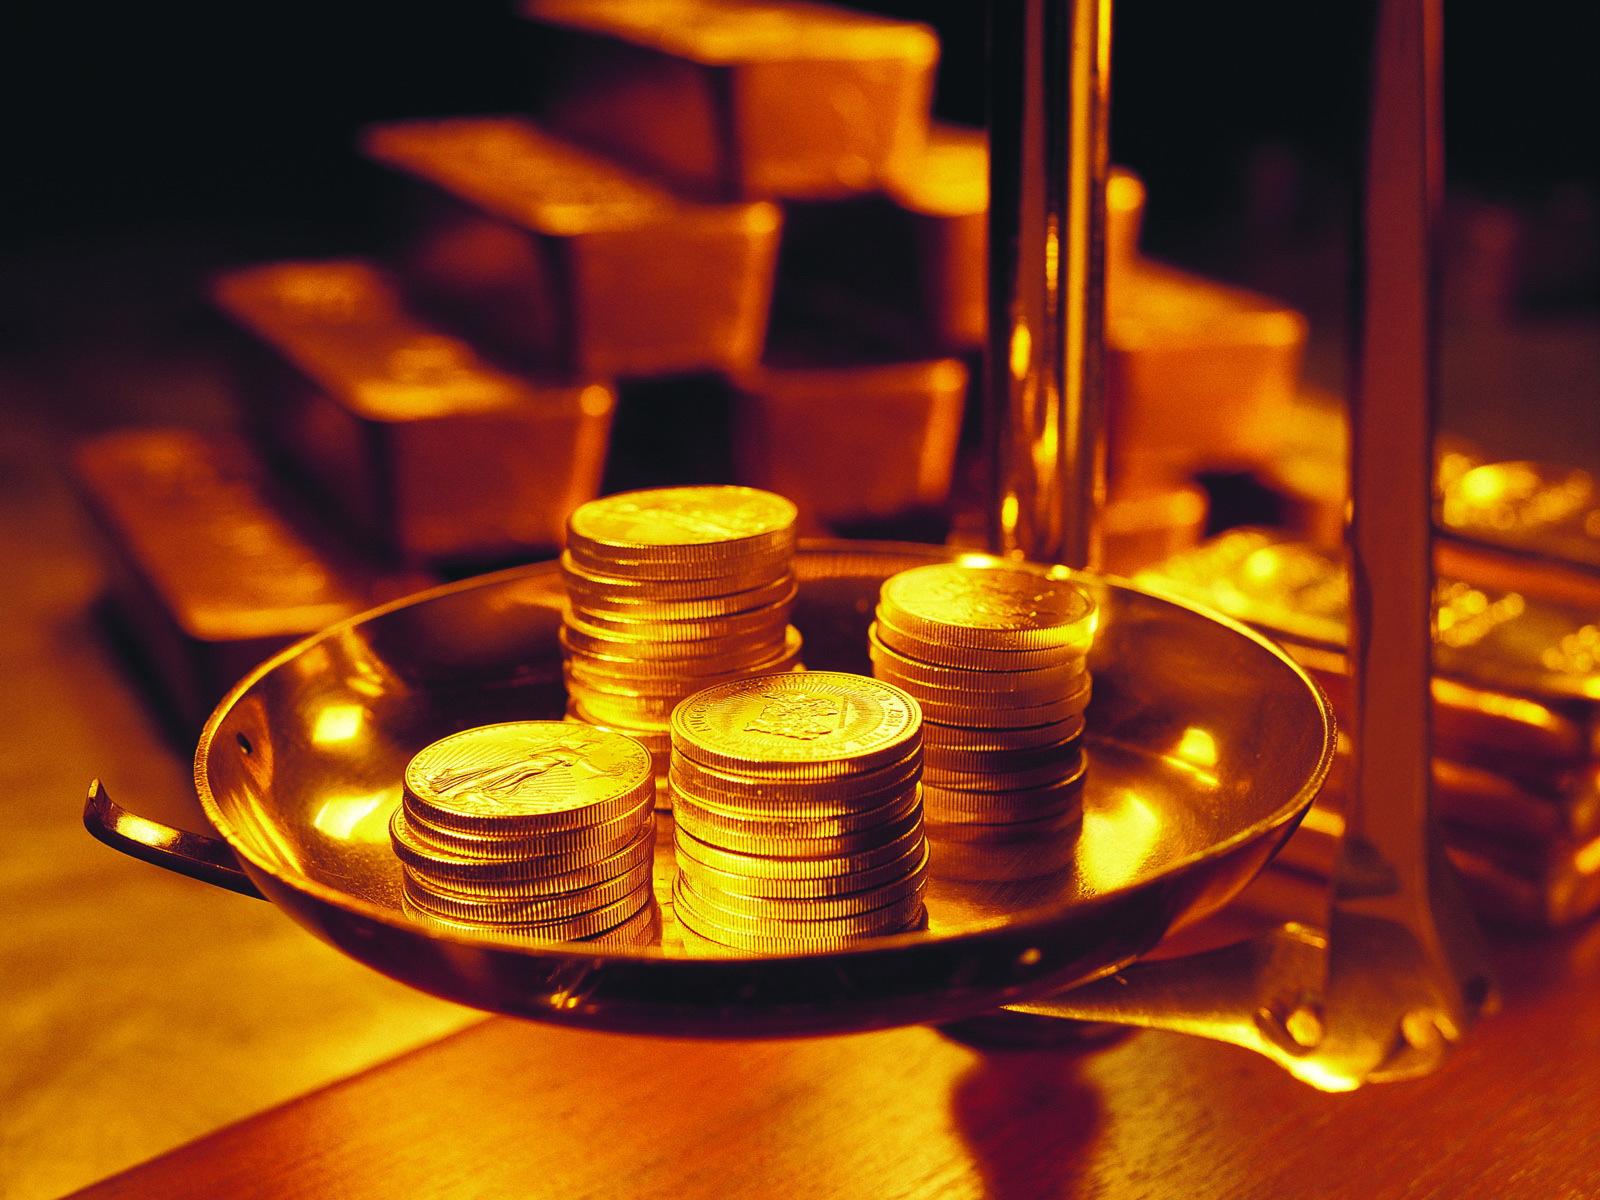 На переднем плане - чаша весов с золотыми монетами, на заднем - золотые слитки